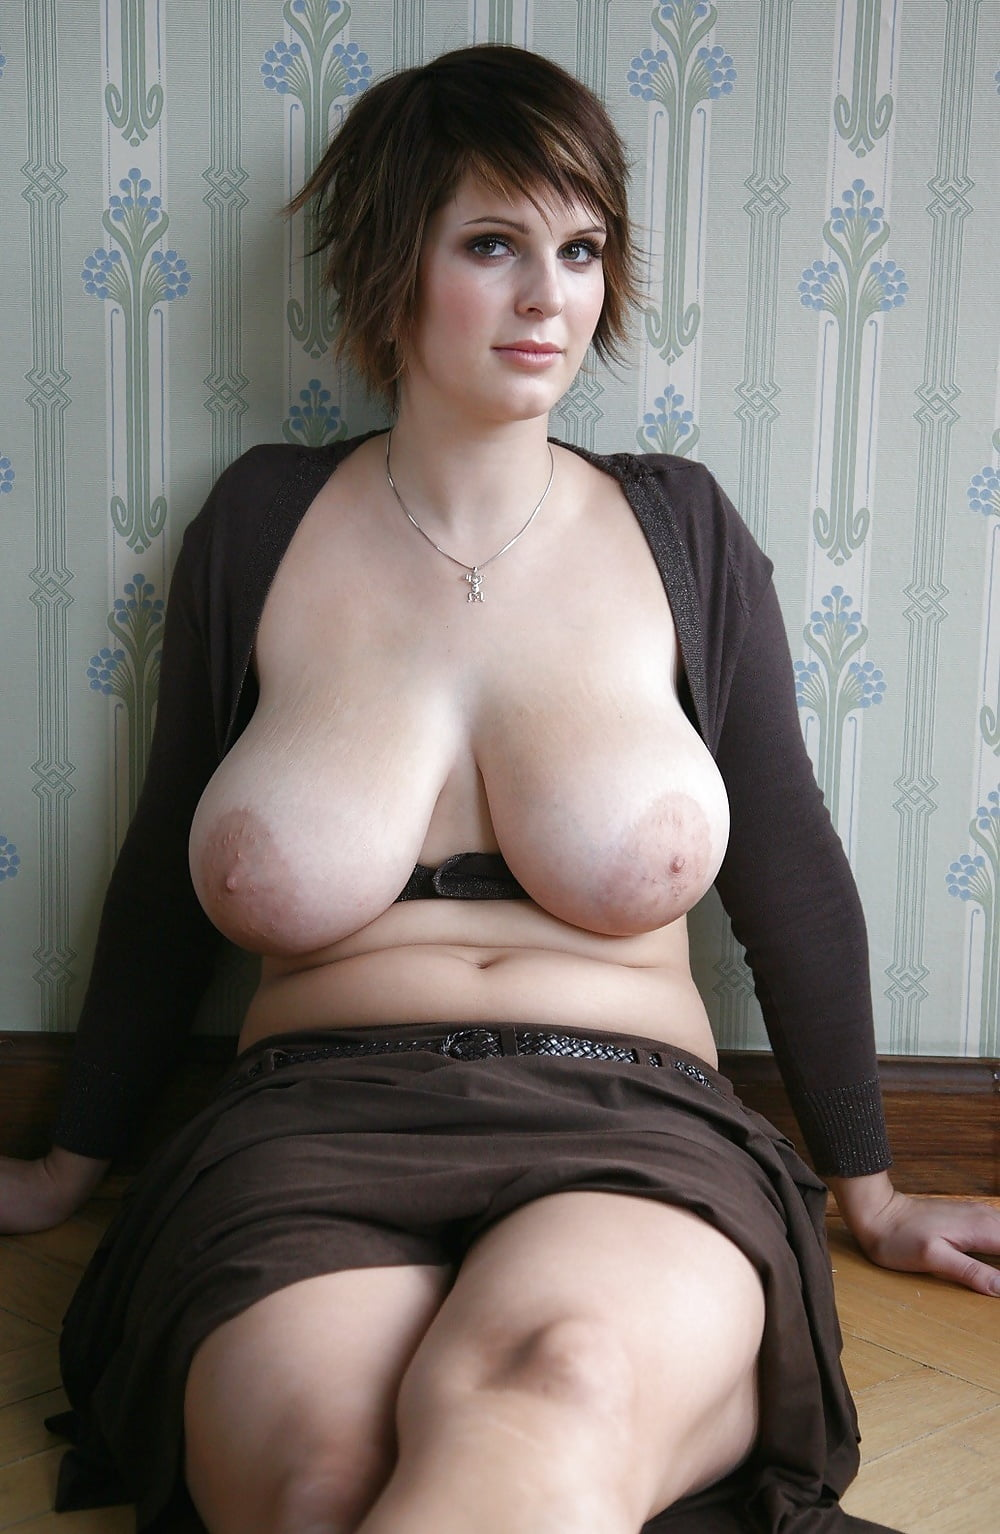 Зрелая мамочка с висячей грудью